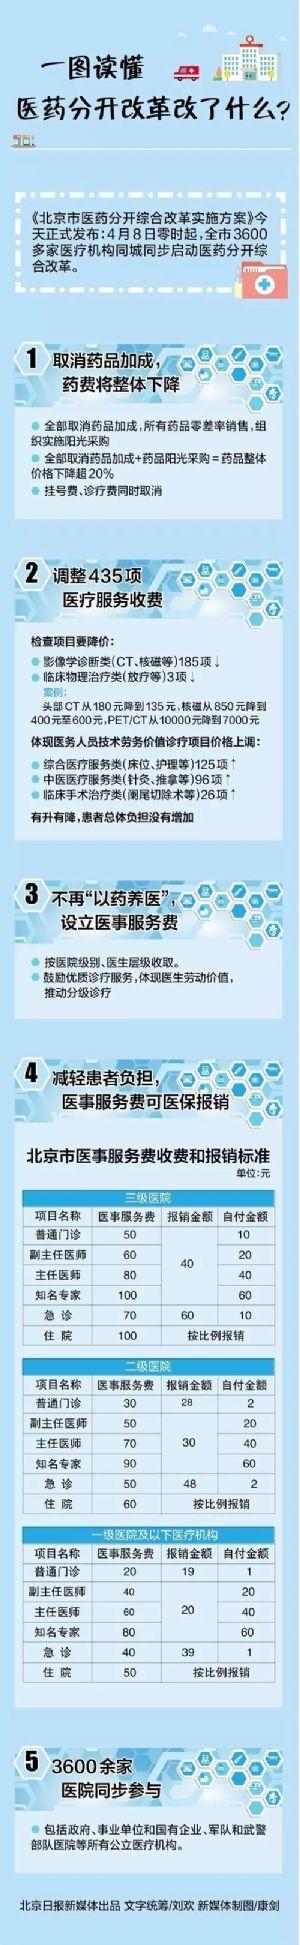 一图读懂北京医药分开改革改了什么?